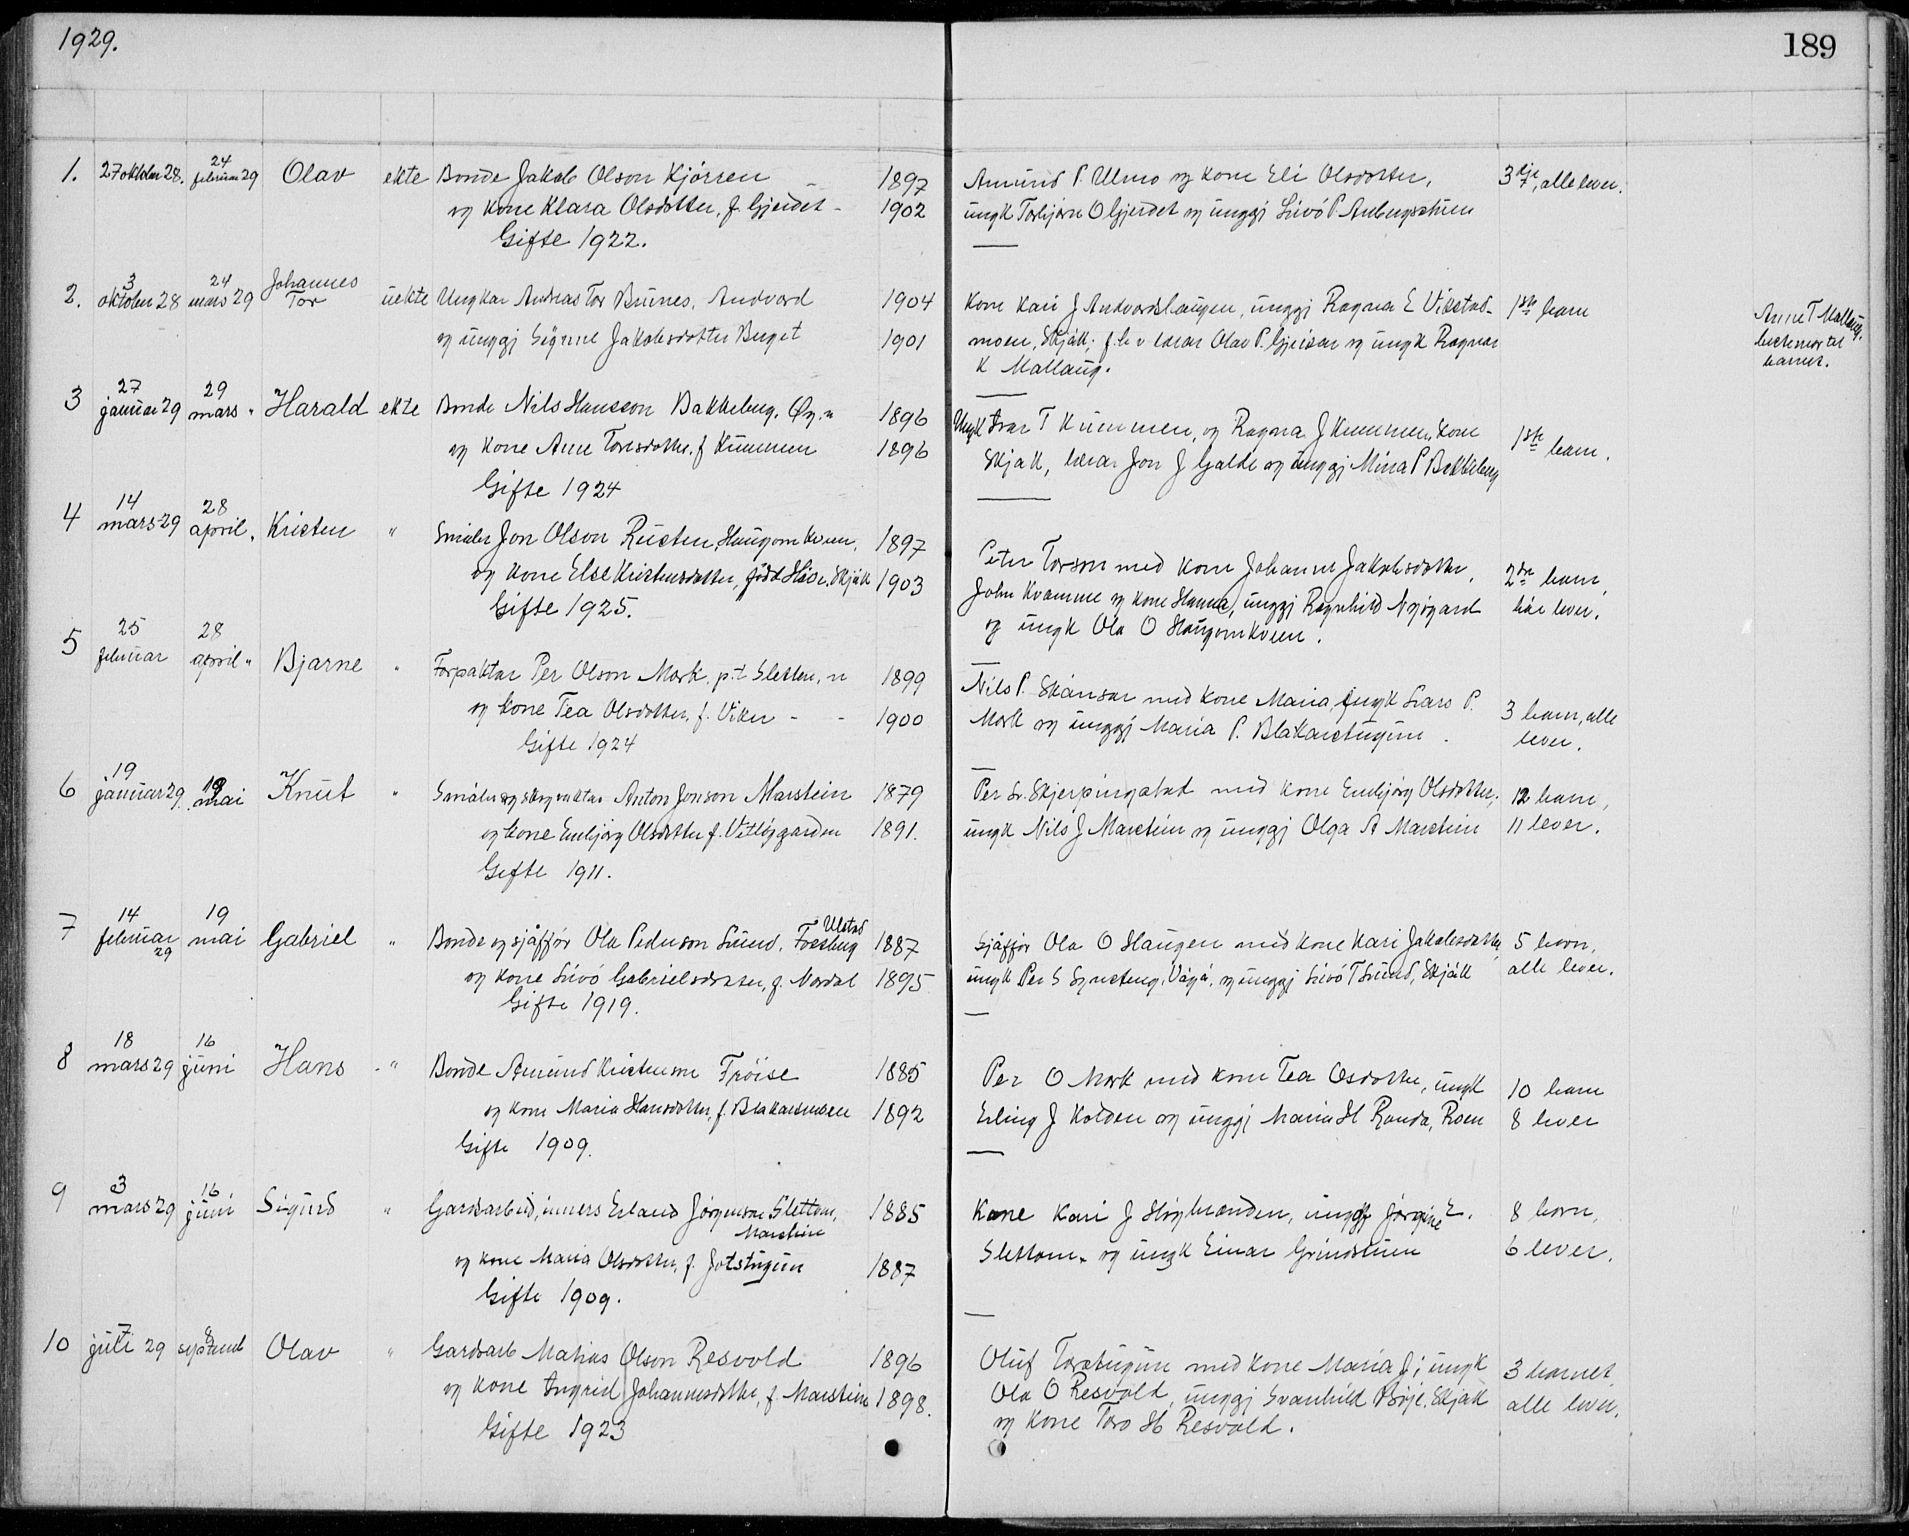 SAH, Lom prestekontor, L/L0013: Klokkerbok nr. 13, 1874-1938, s. 189